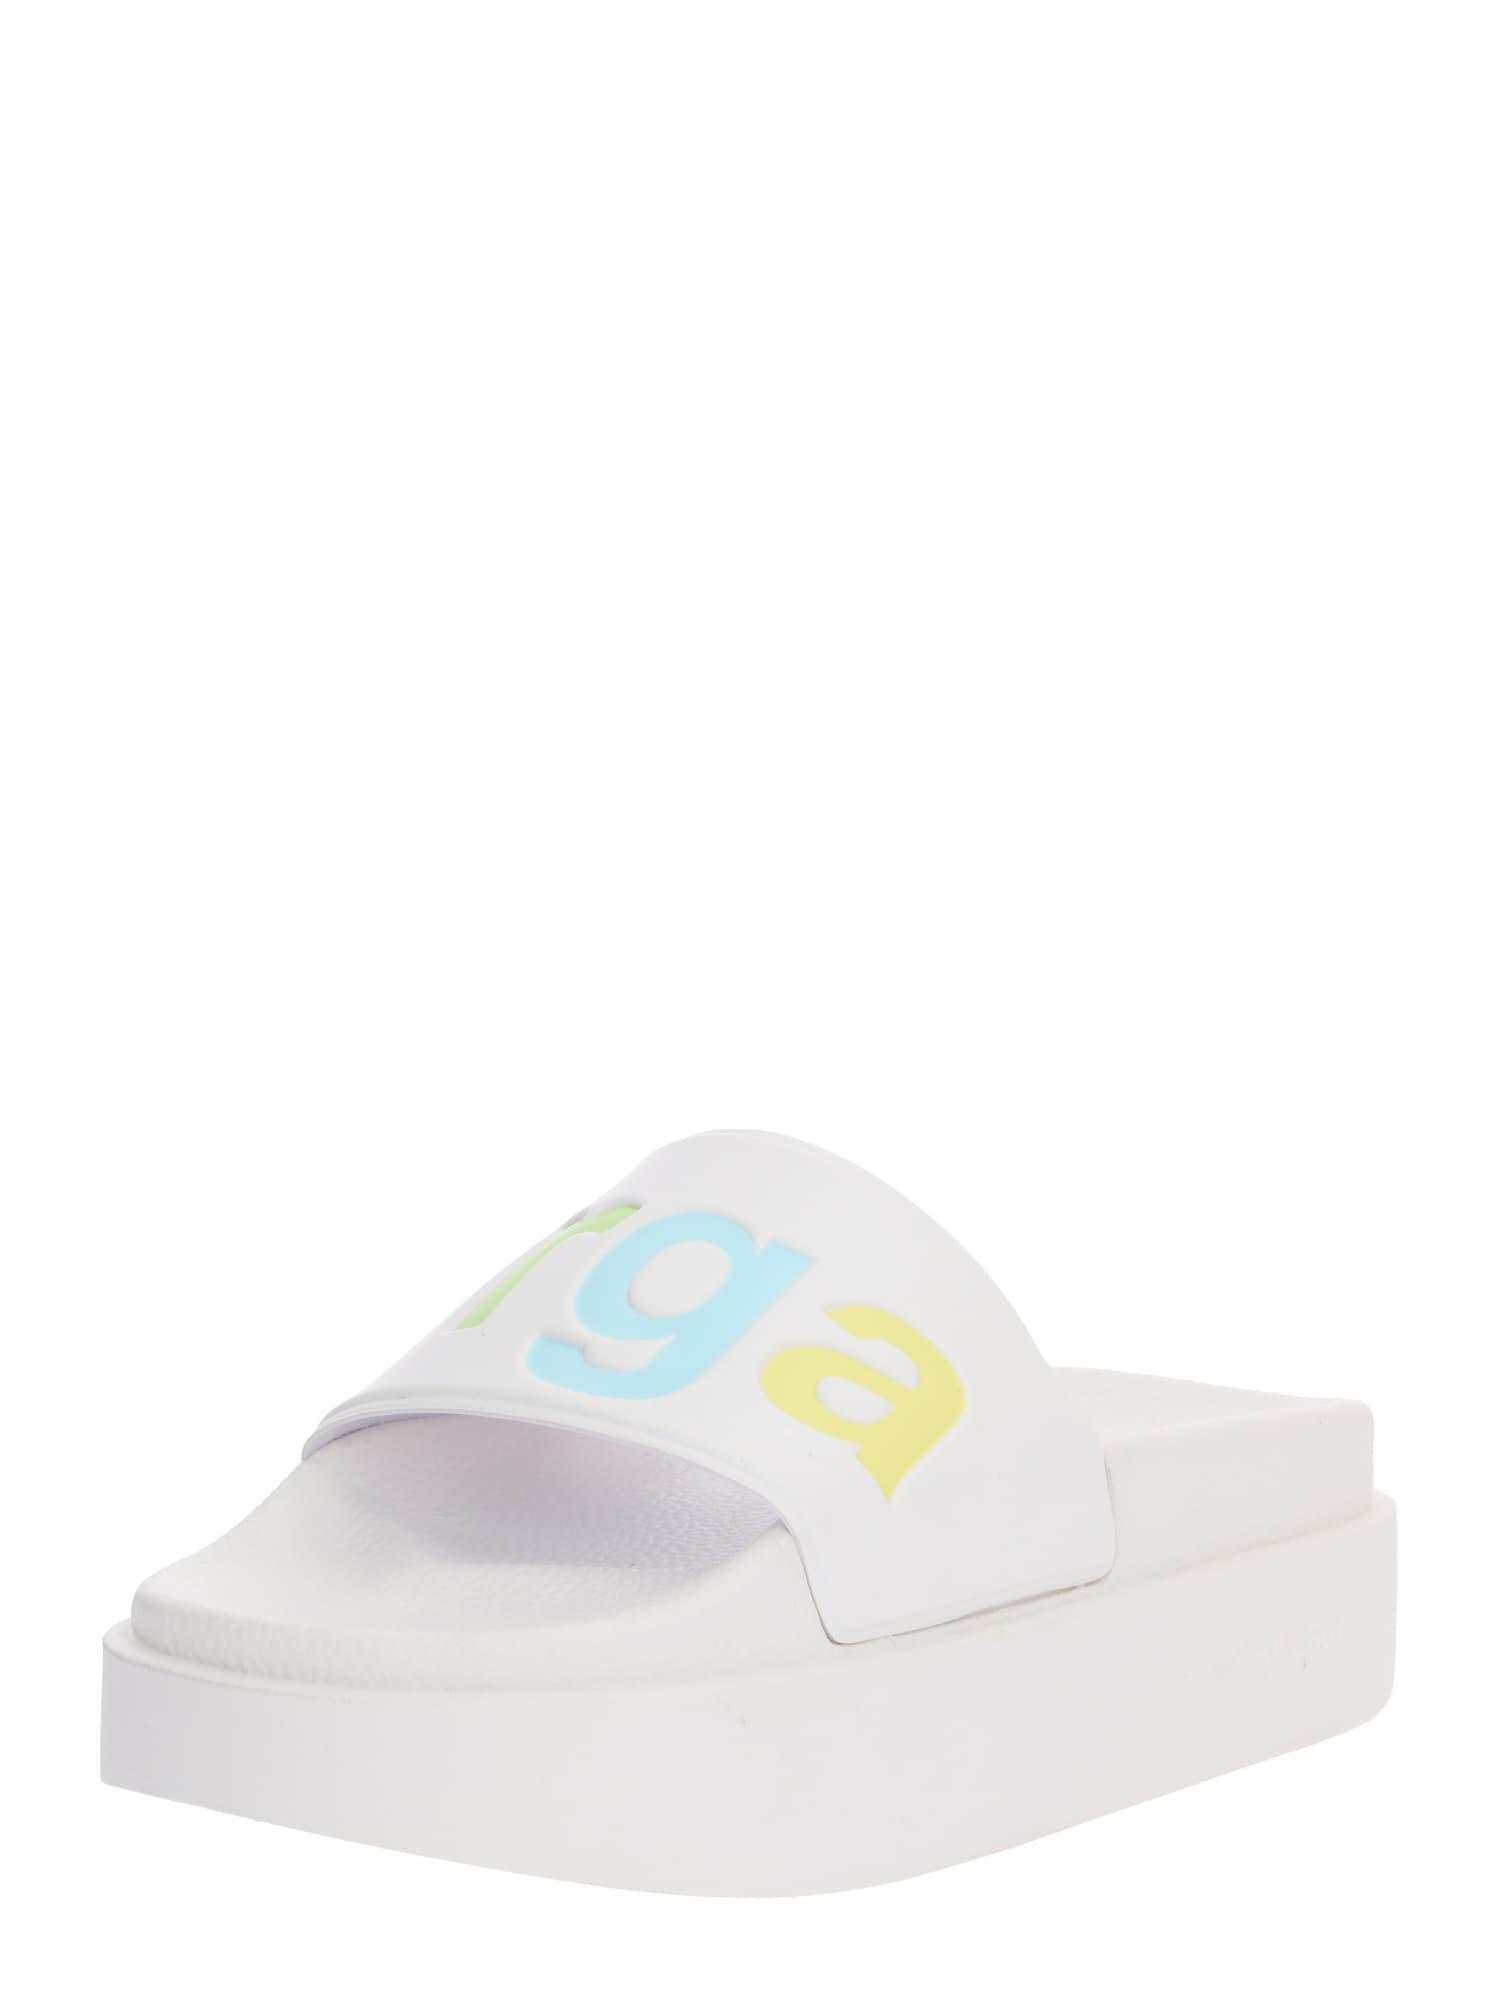 Pantofle 1919 - PUW mix barev bílá SUPERGA